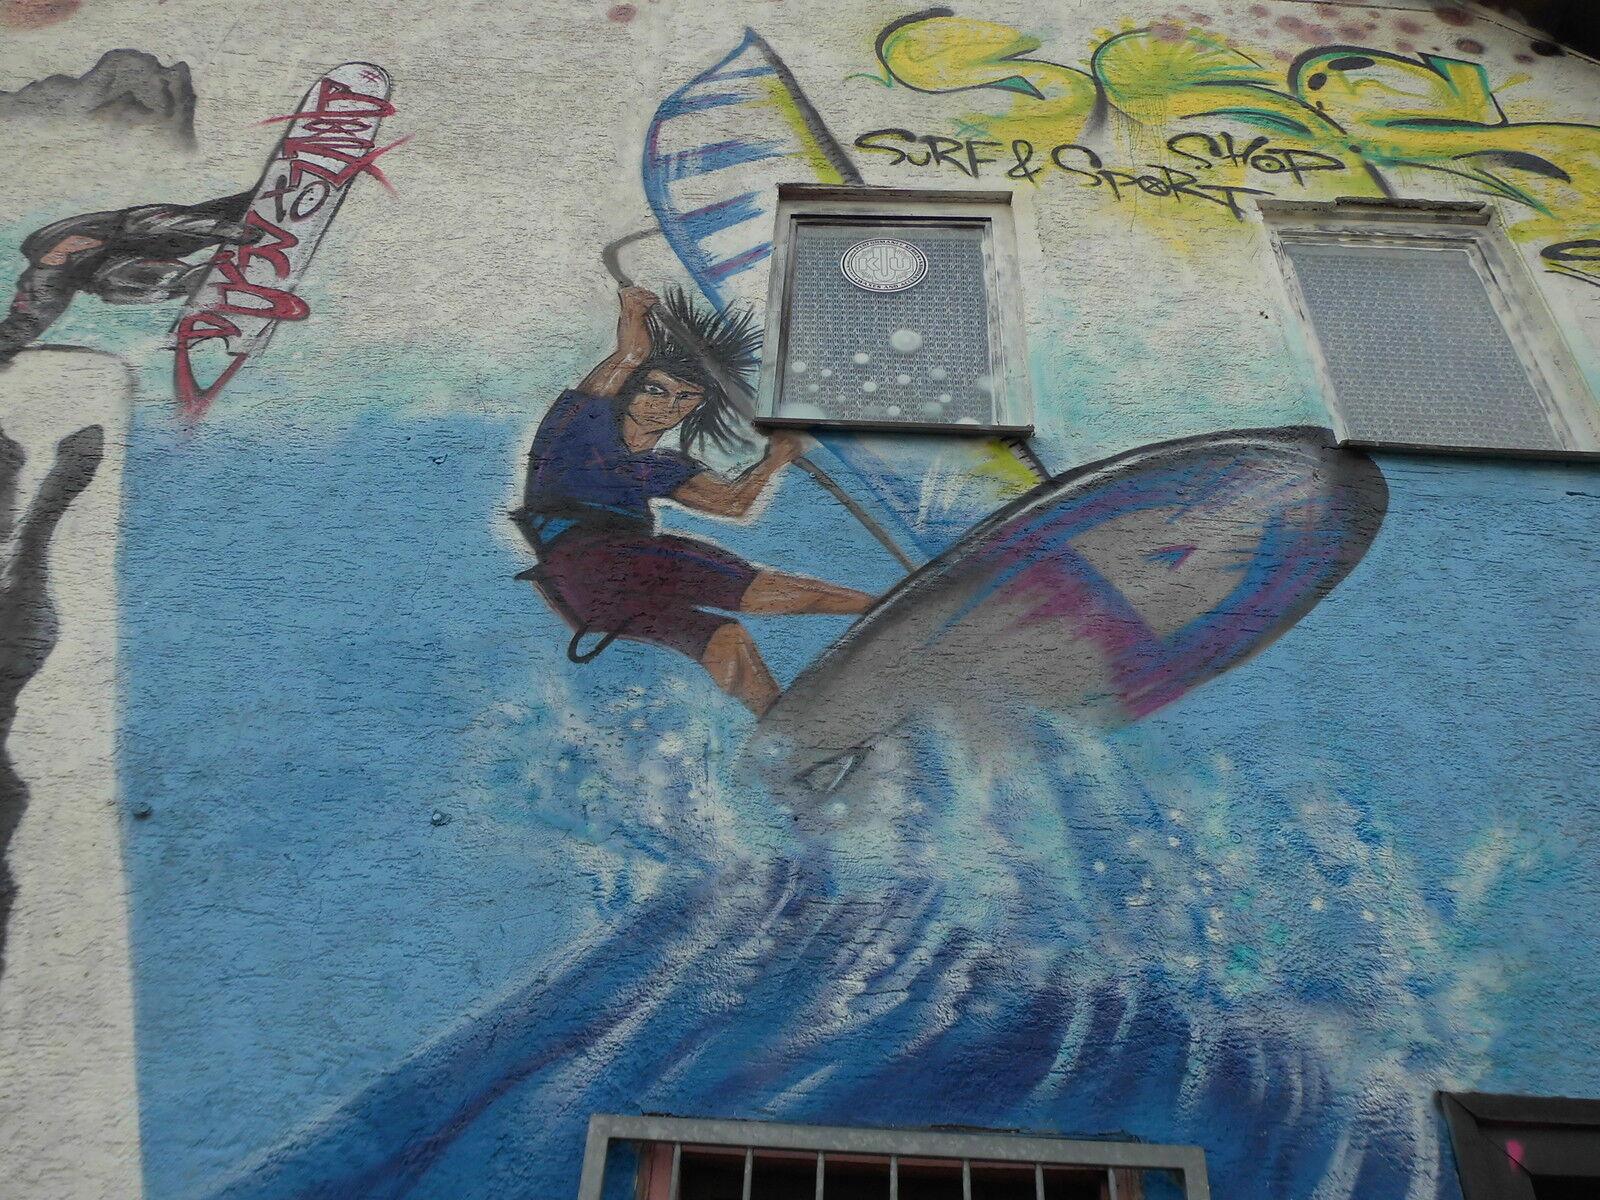 surfbarat